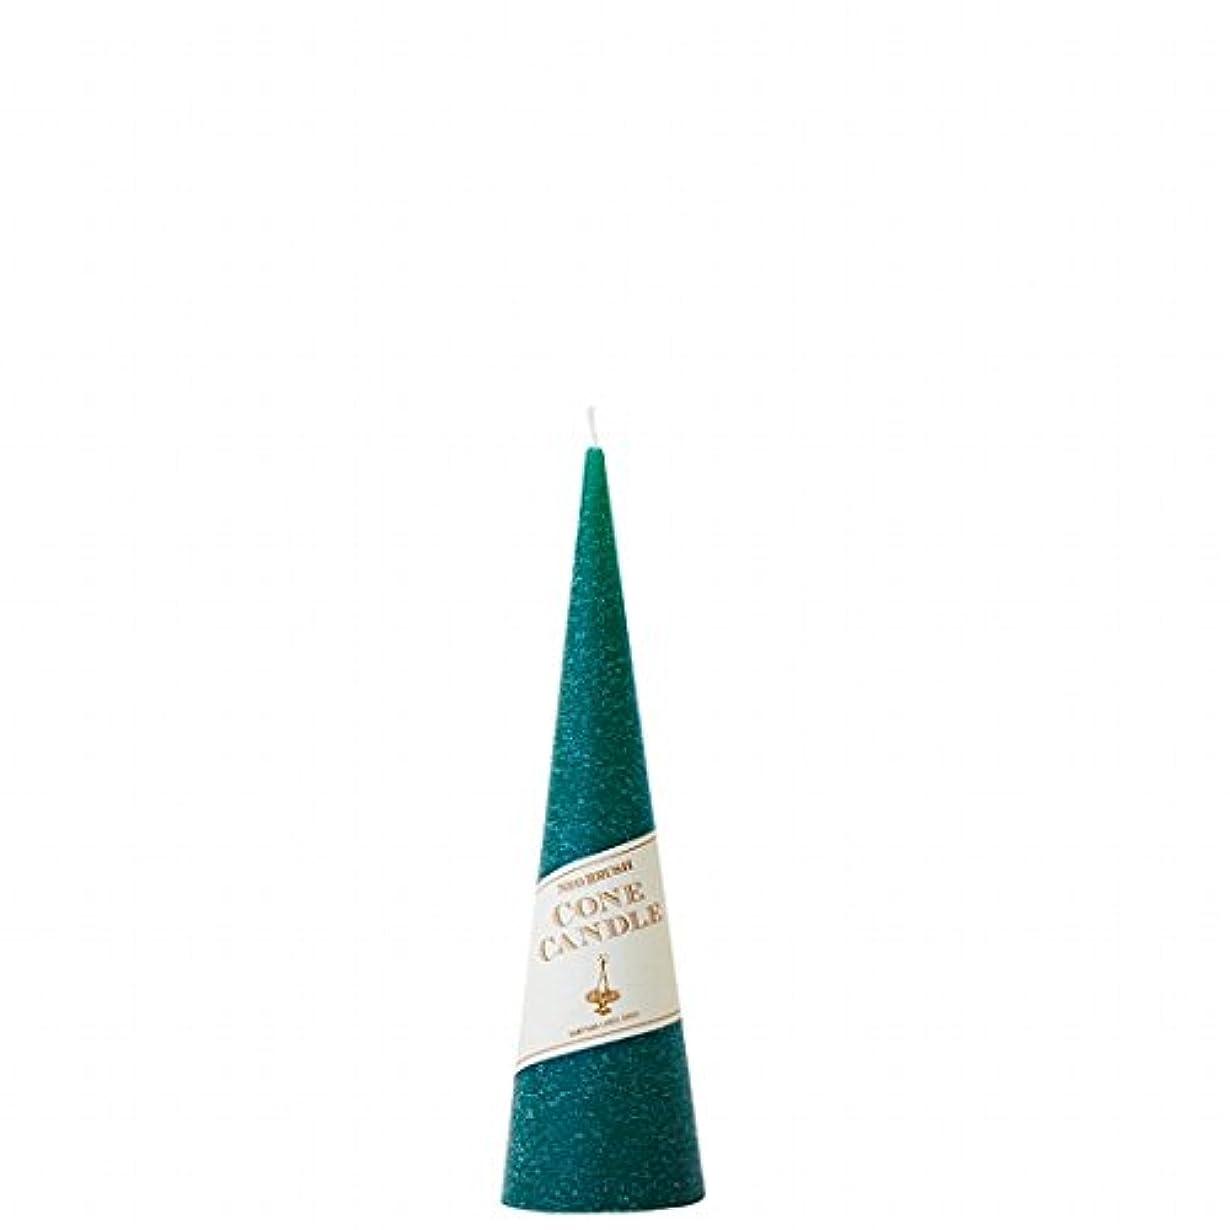 部屋を掃除する冷える相反するkameyama candle(カメヤマキャンドル) ネオブラッシュコーン 180 キャンドル 「 グリーン 」(A9750010G)